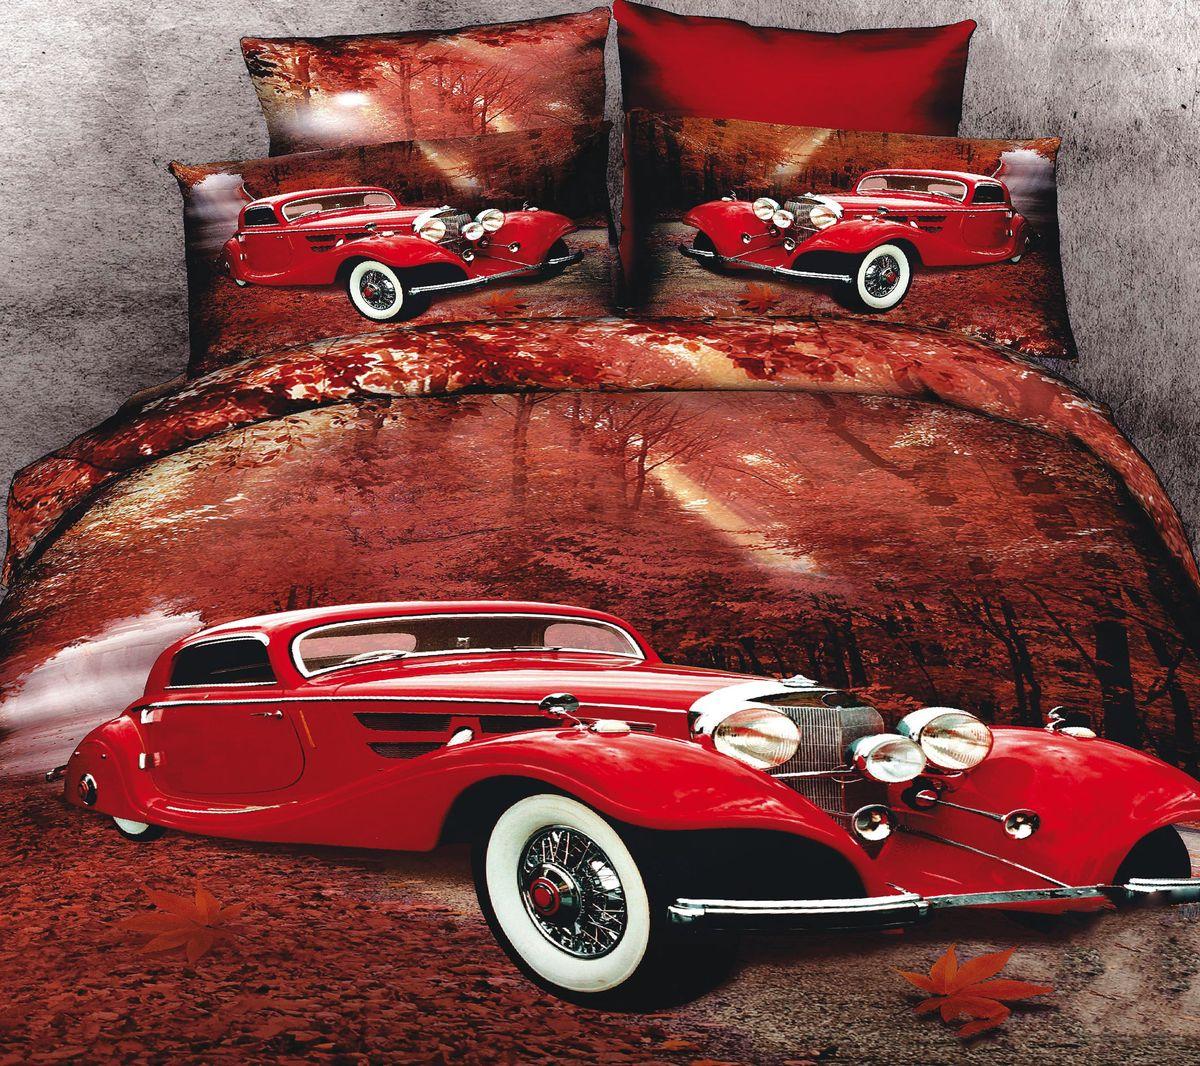 Комплект белья Коллекция Ретро-авто, 2-спальный, наволочки 50x70. СР2/50/ОЗ/раСР2/50/ОЗ/ра